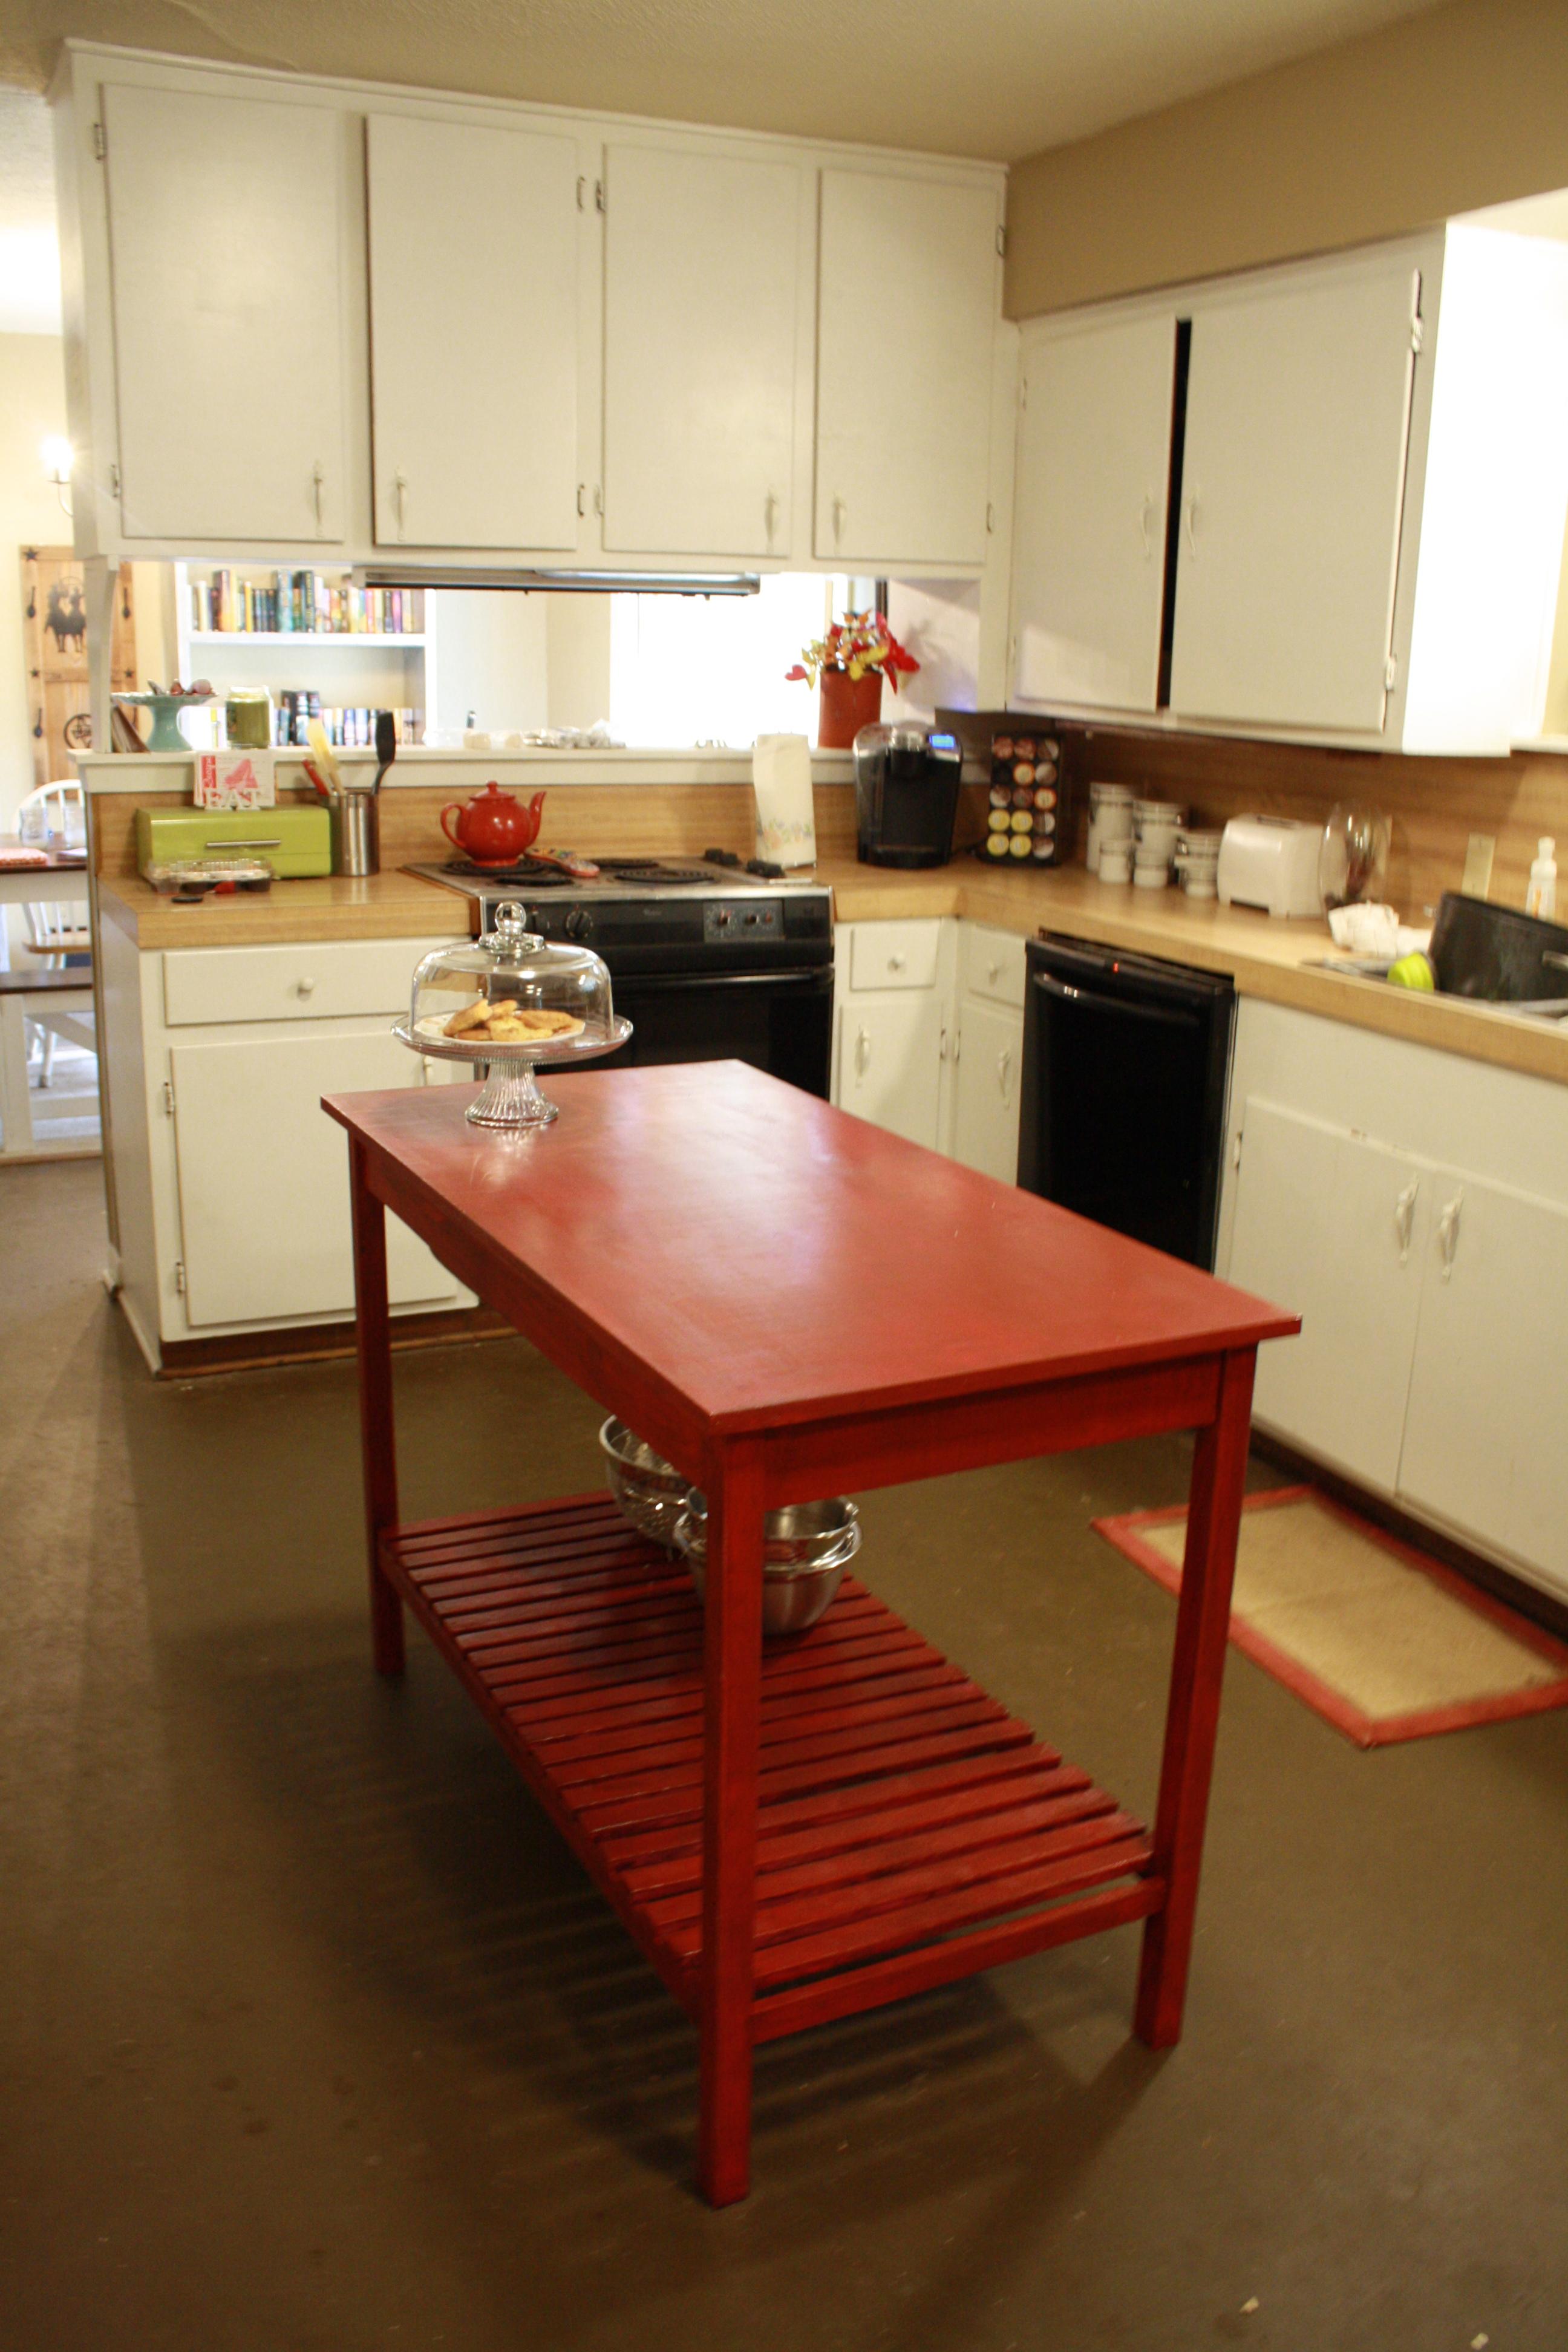 diy kitchen islands diy kitchen ideas Red slatted bottom DIY kitchen island